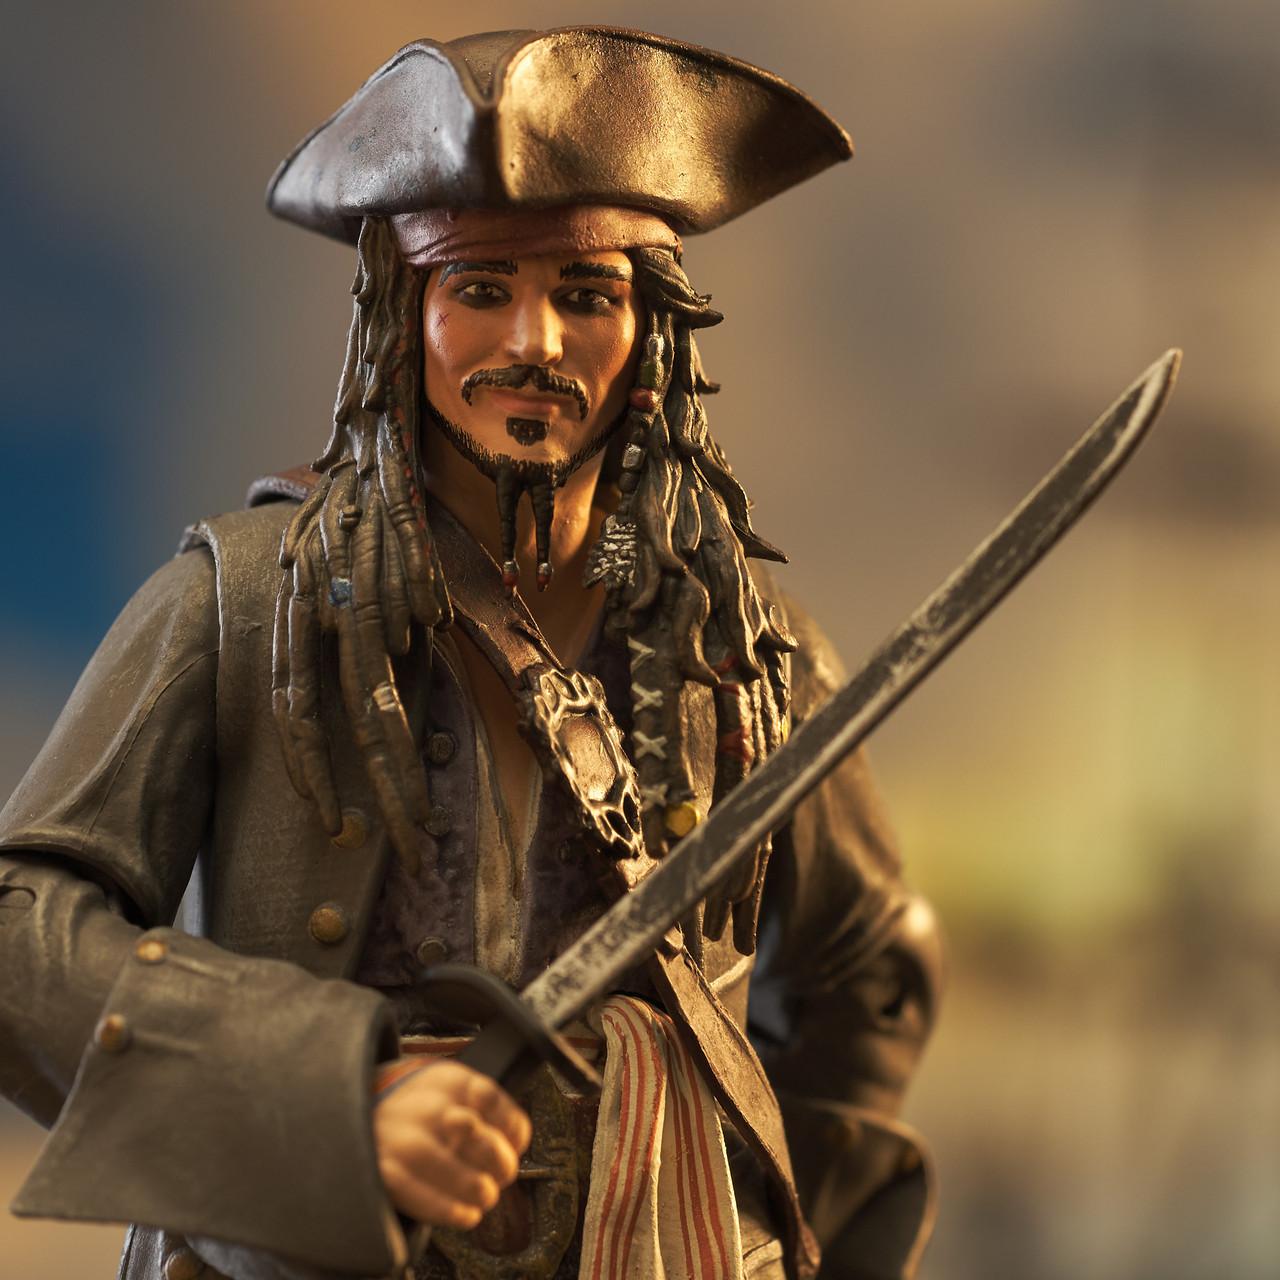 Jack Sparrow Deluxe Action Figure